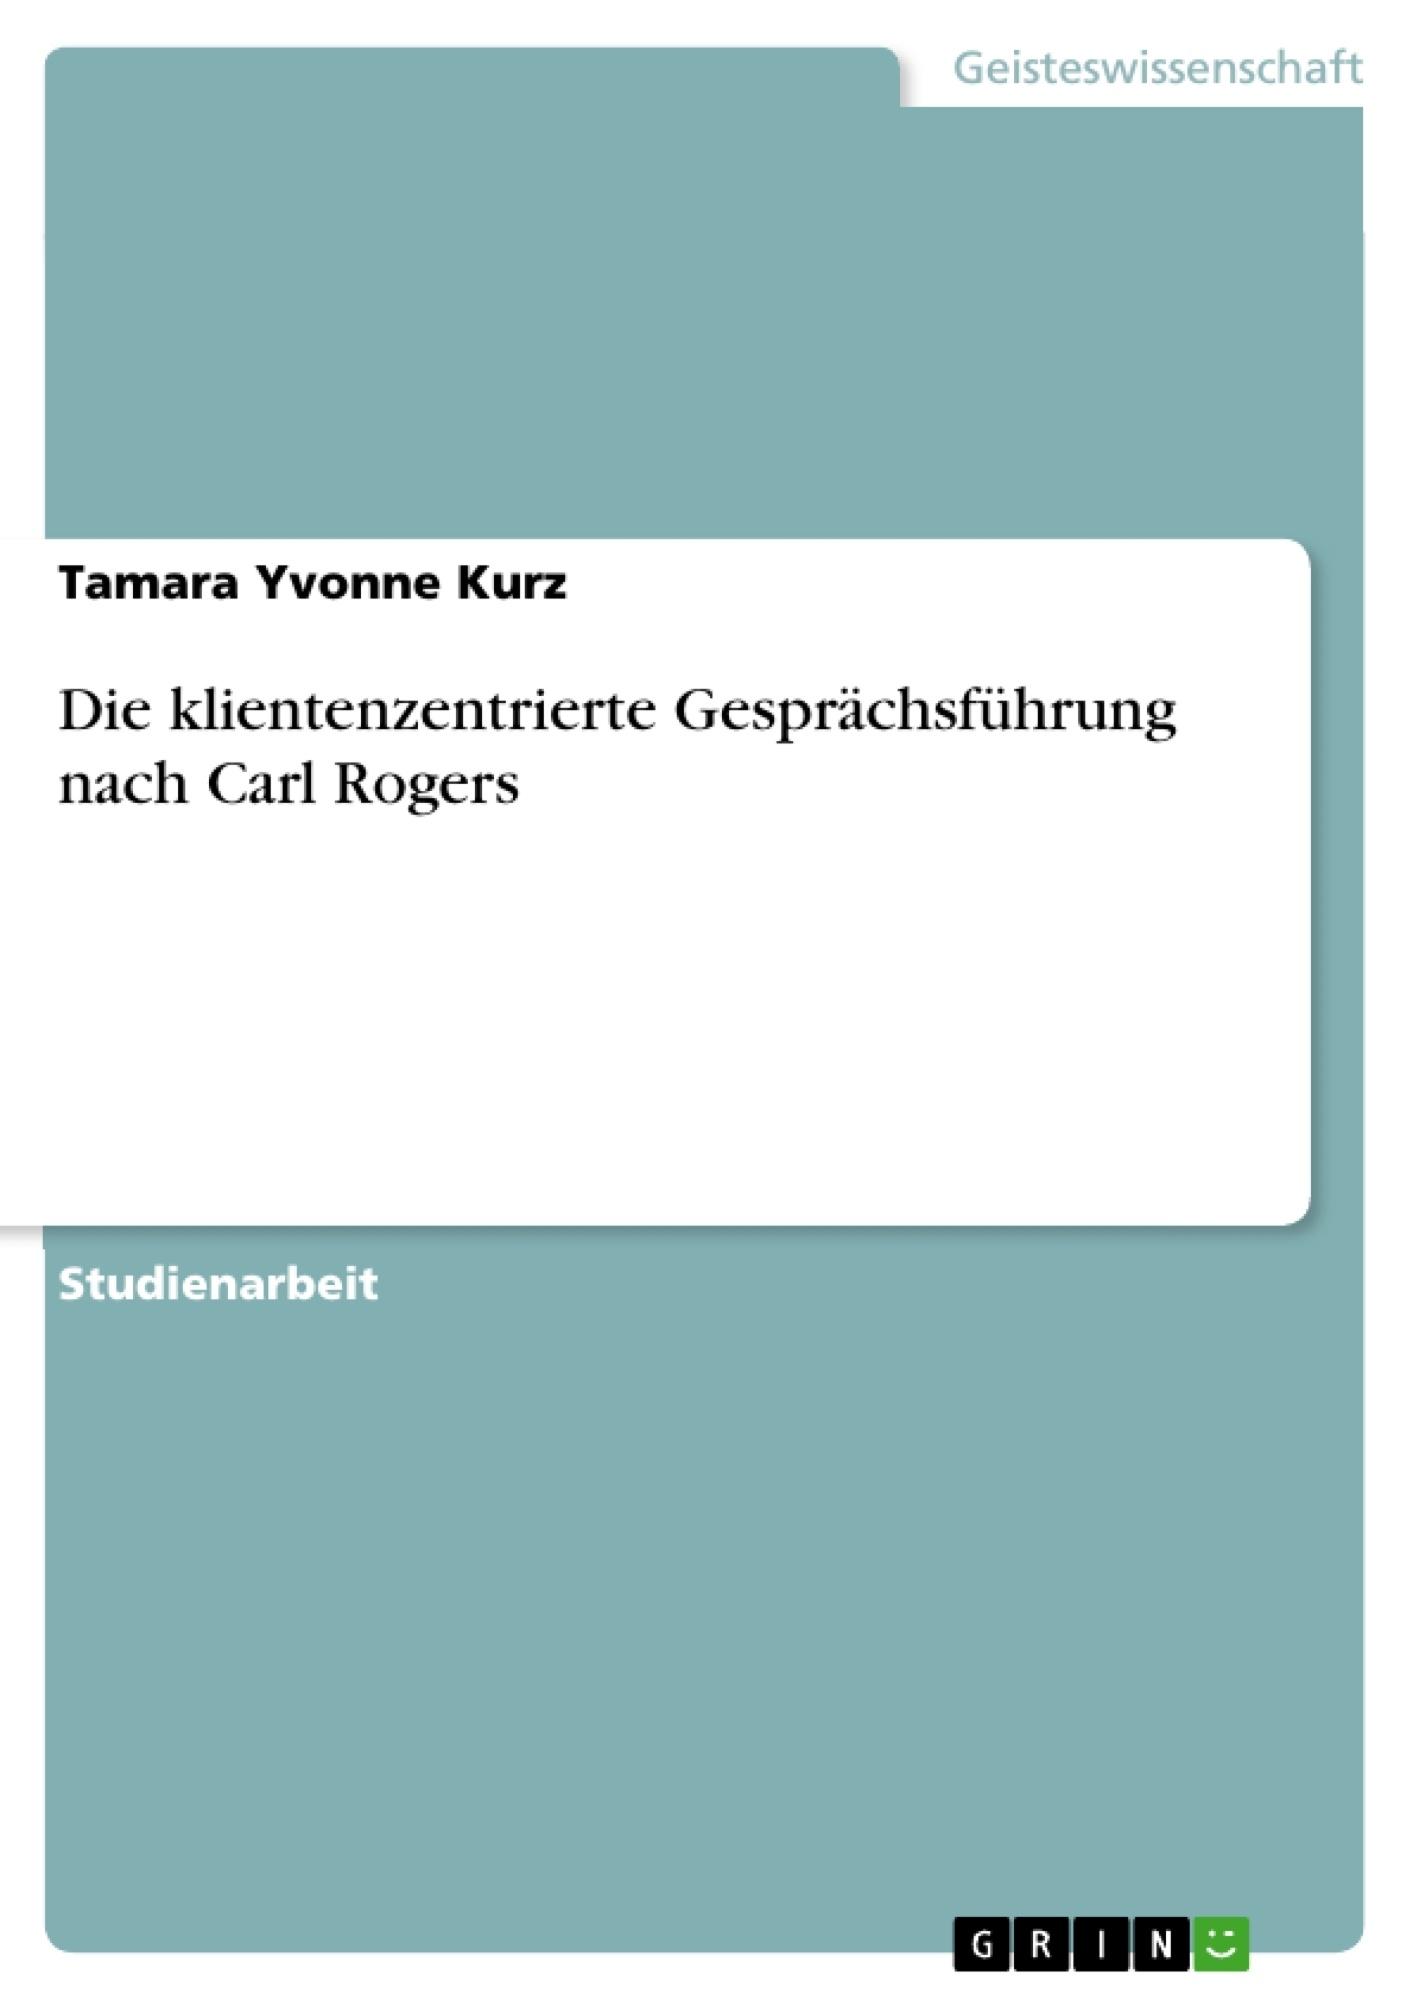 Titel: Die klientenzentrierte Gesprächsführung nach Carl Rogers